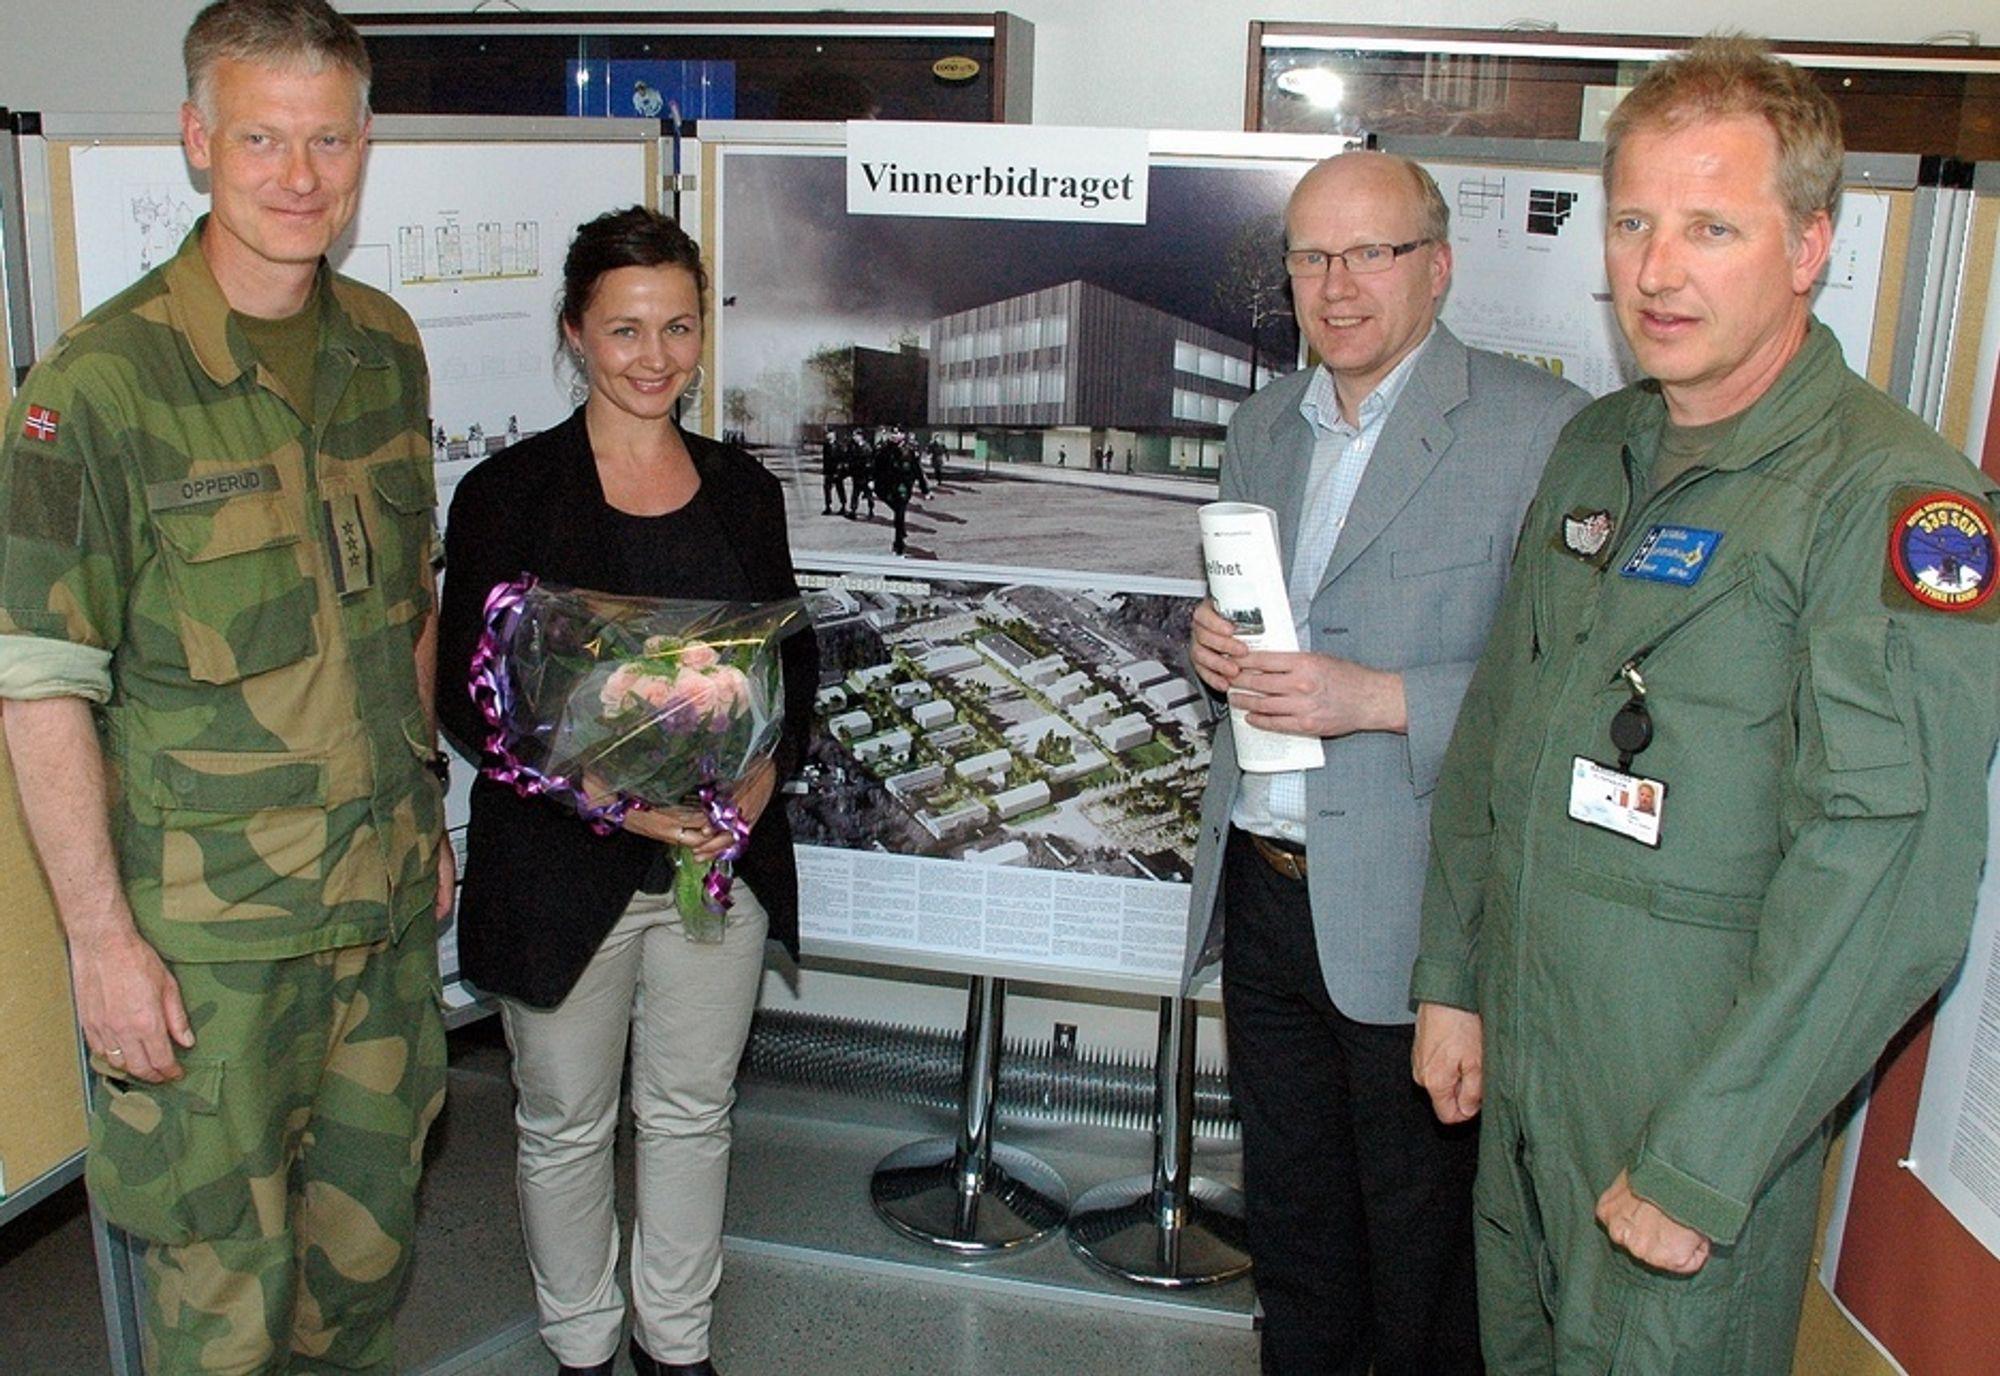 BARDUFOSS: Fra venstre oberst Arne Opperud, arkitekt Camilla Molden, juryleder Hårek Elvenes og oberst Geir Gillebo. I bakgrunnen vinnerutkastet til nytt ledelsesbygg.